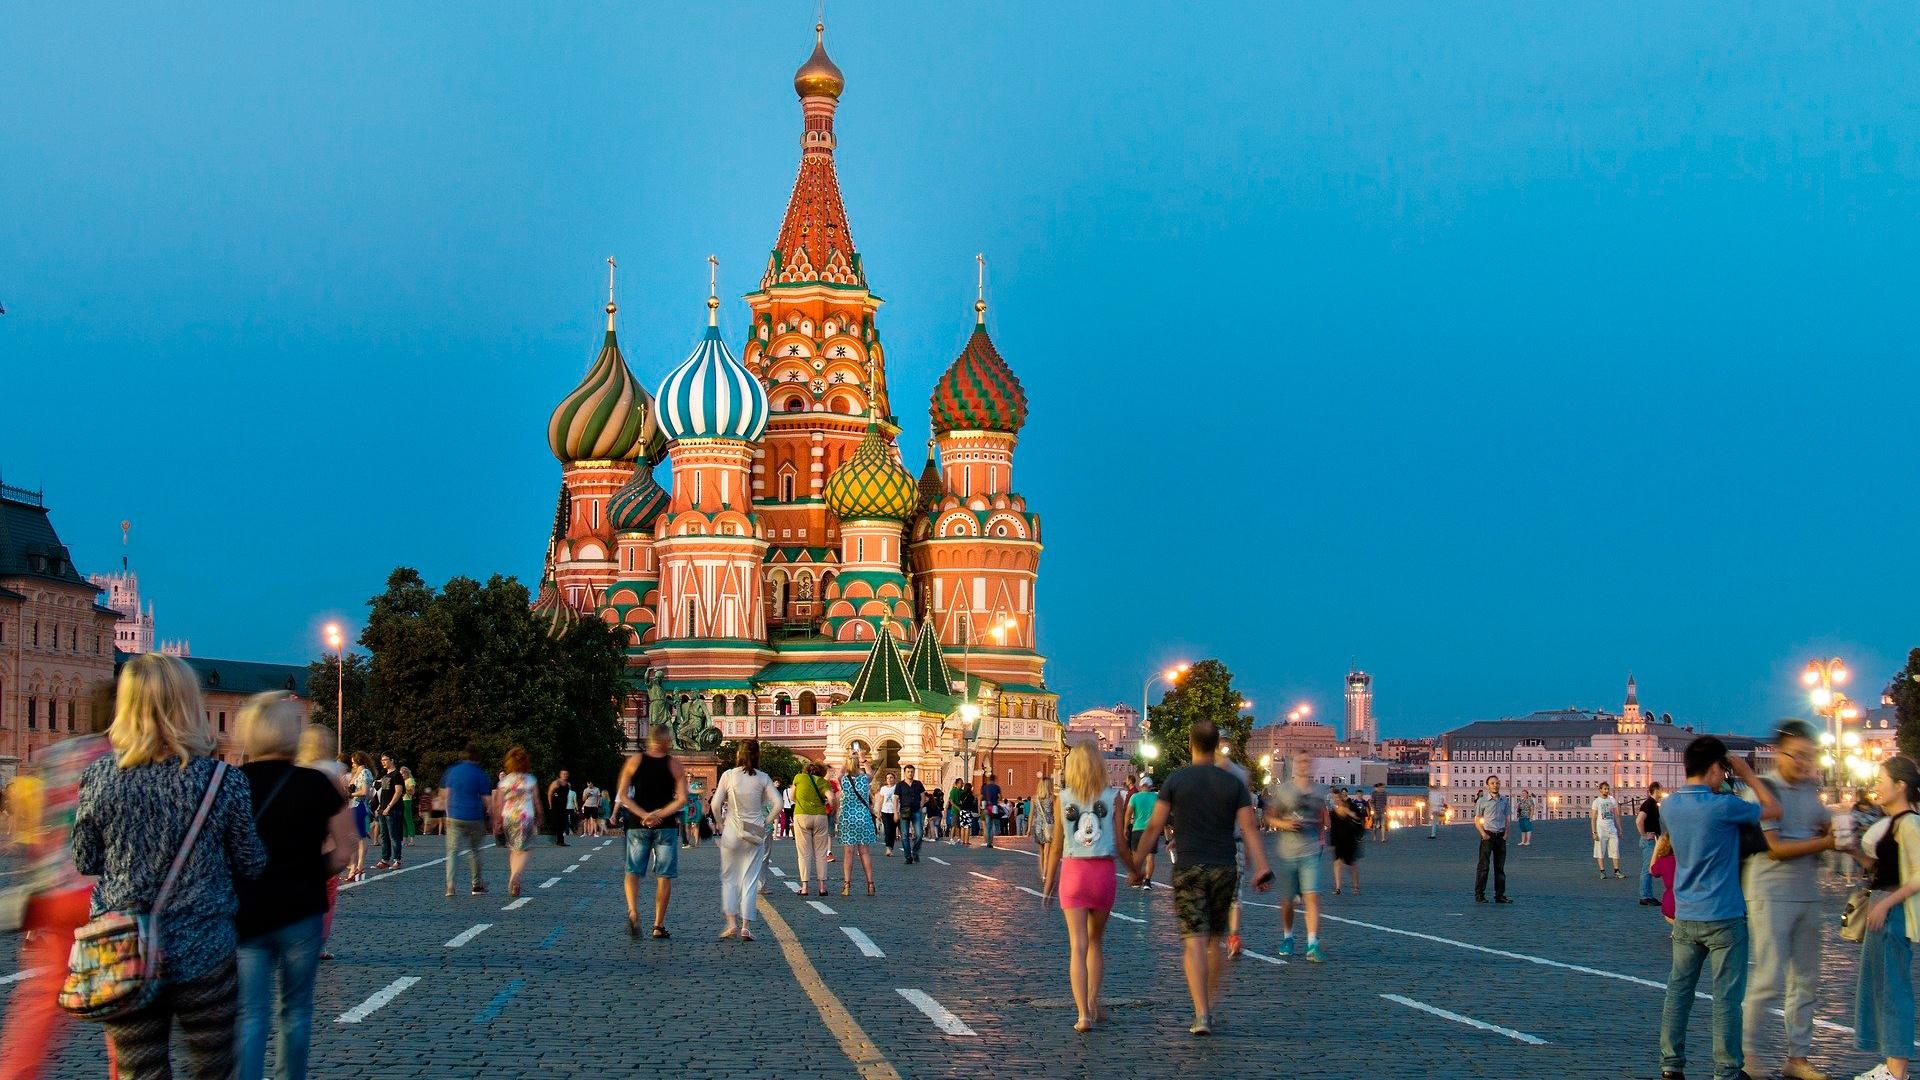 Мэрия Москвы представила карту с графиком прогулок и мест в которых разрешено гулять